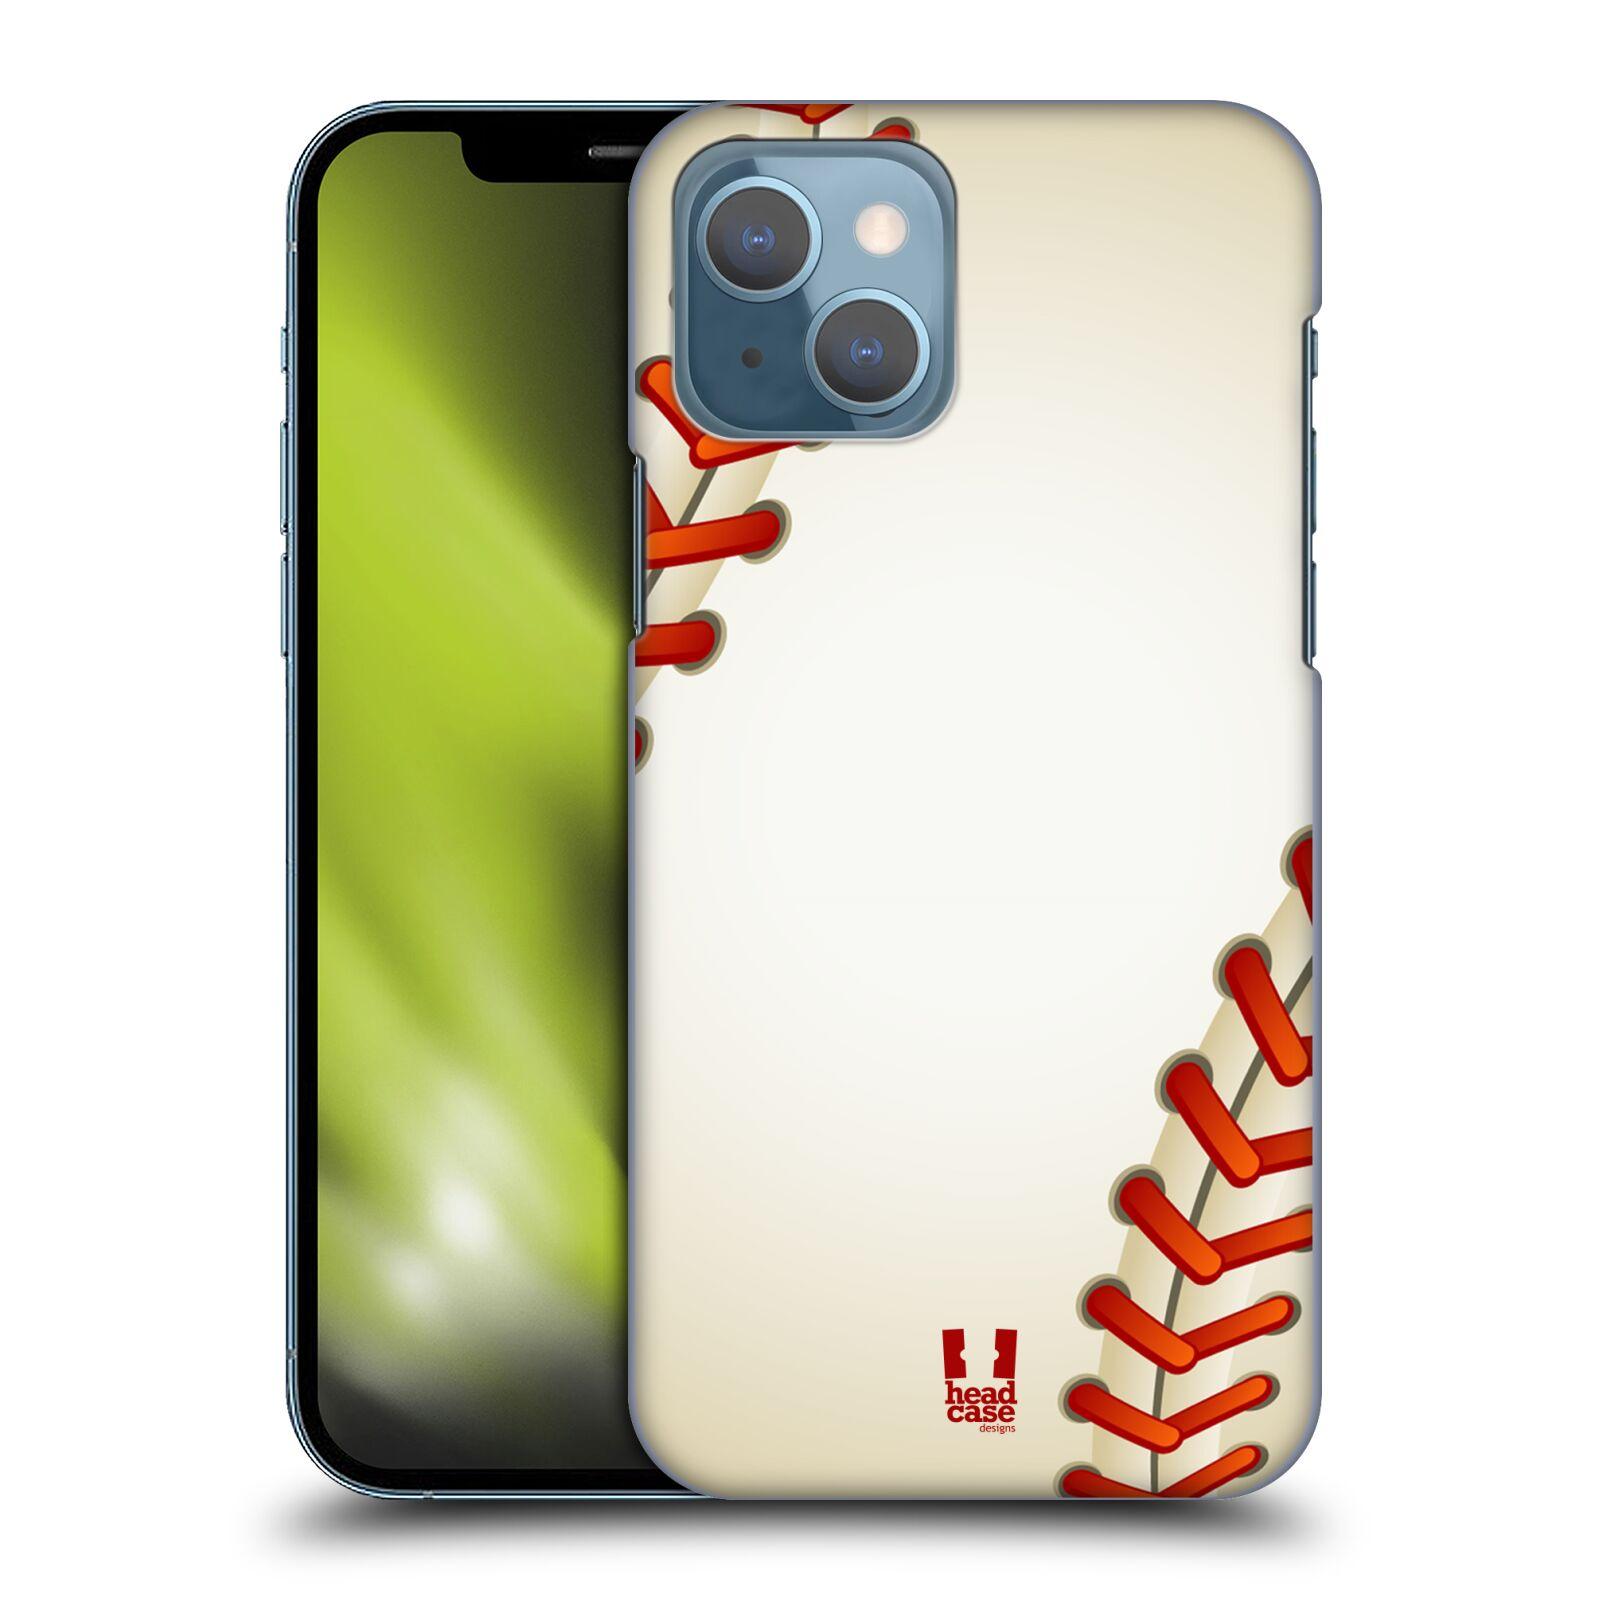 Plastové pouzdro na mobil Apple iPhone 13 - Head Case - Baseballový míček